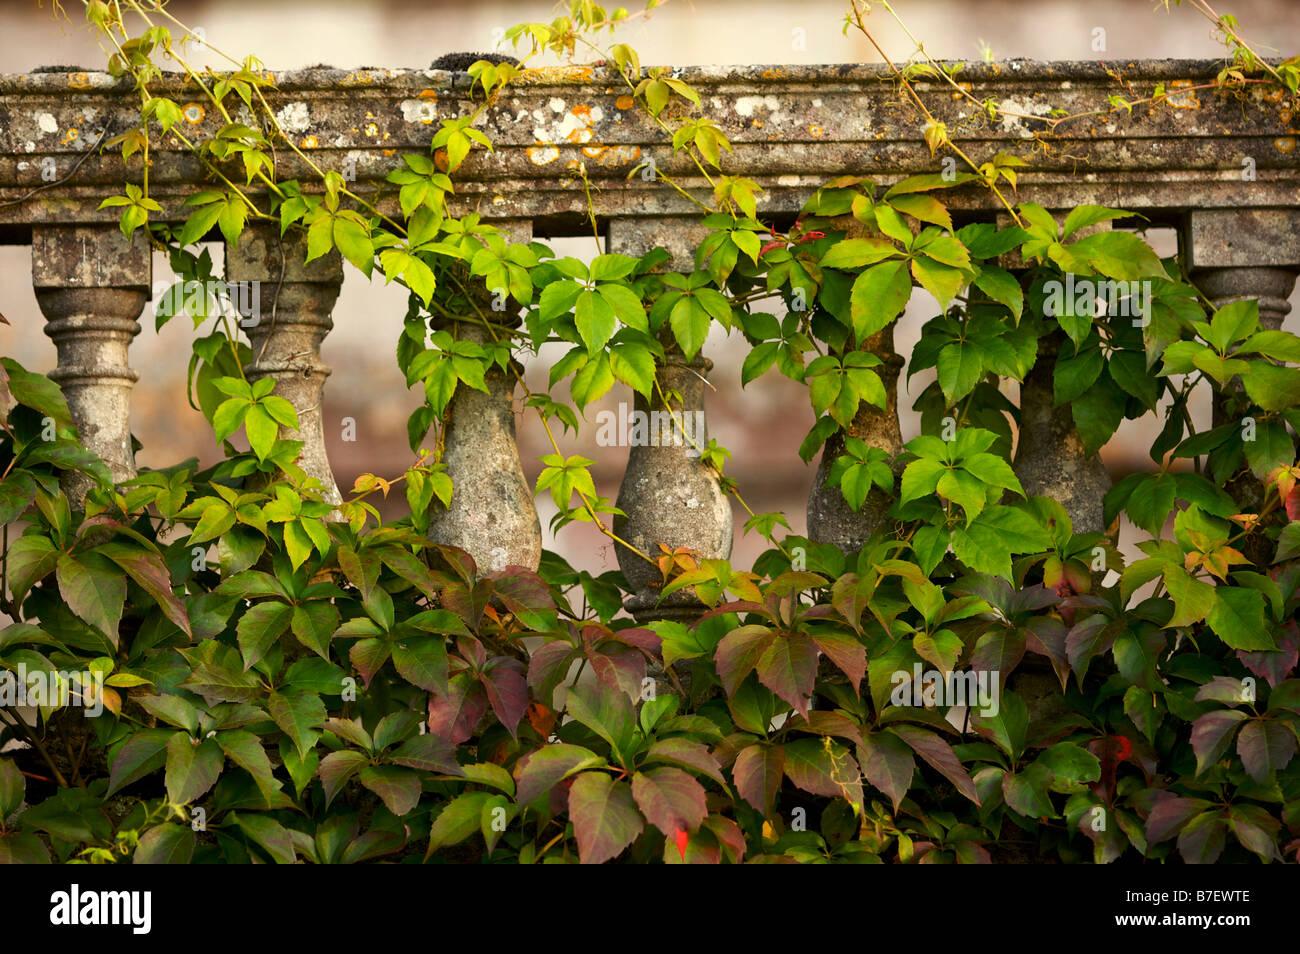 Efeu wächst auf dem Geländer eines Herrenhauses aus dem 18. Jahrhundert in Großbritannien Stockbild